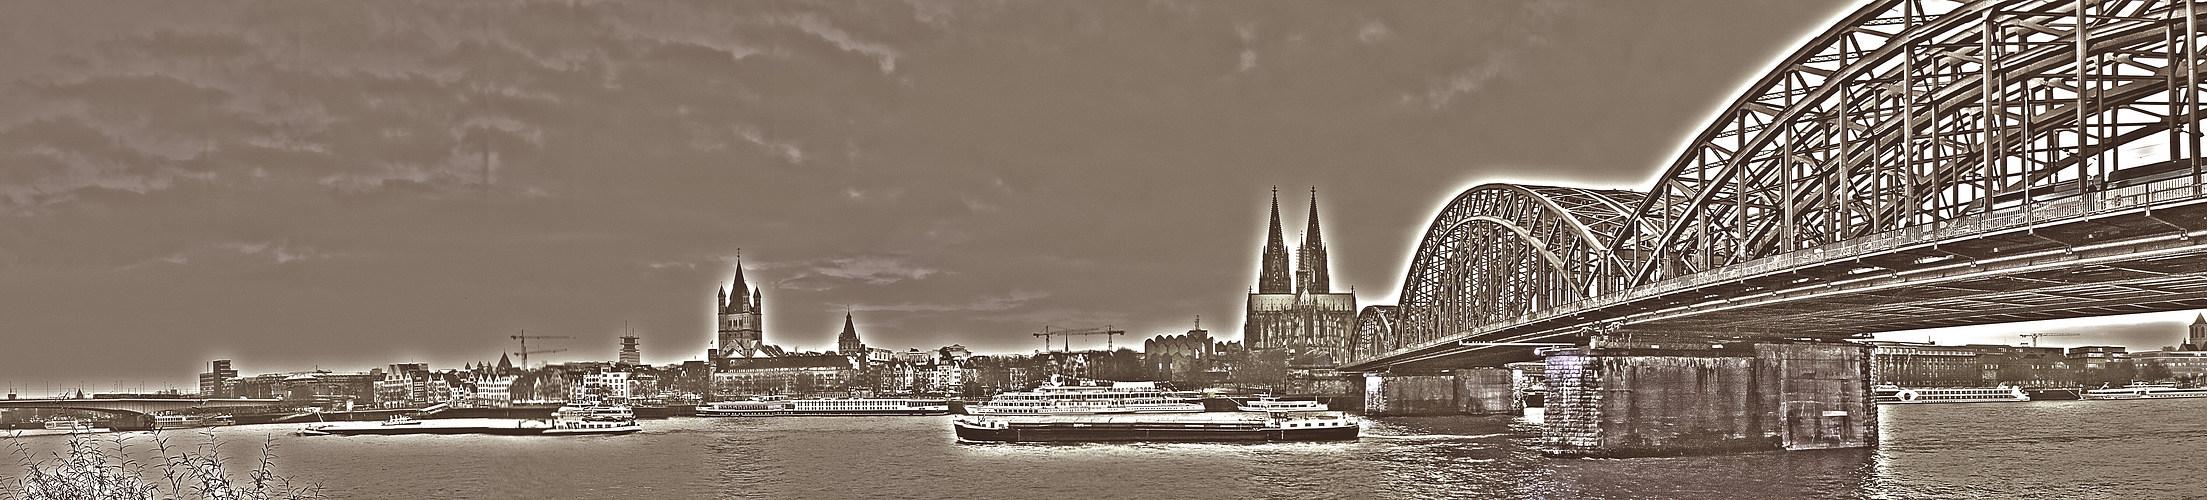 Kölner Dom - Panorama 'Kupferstich'